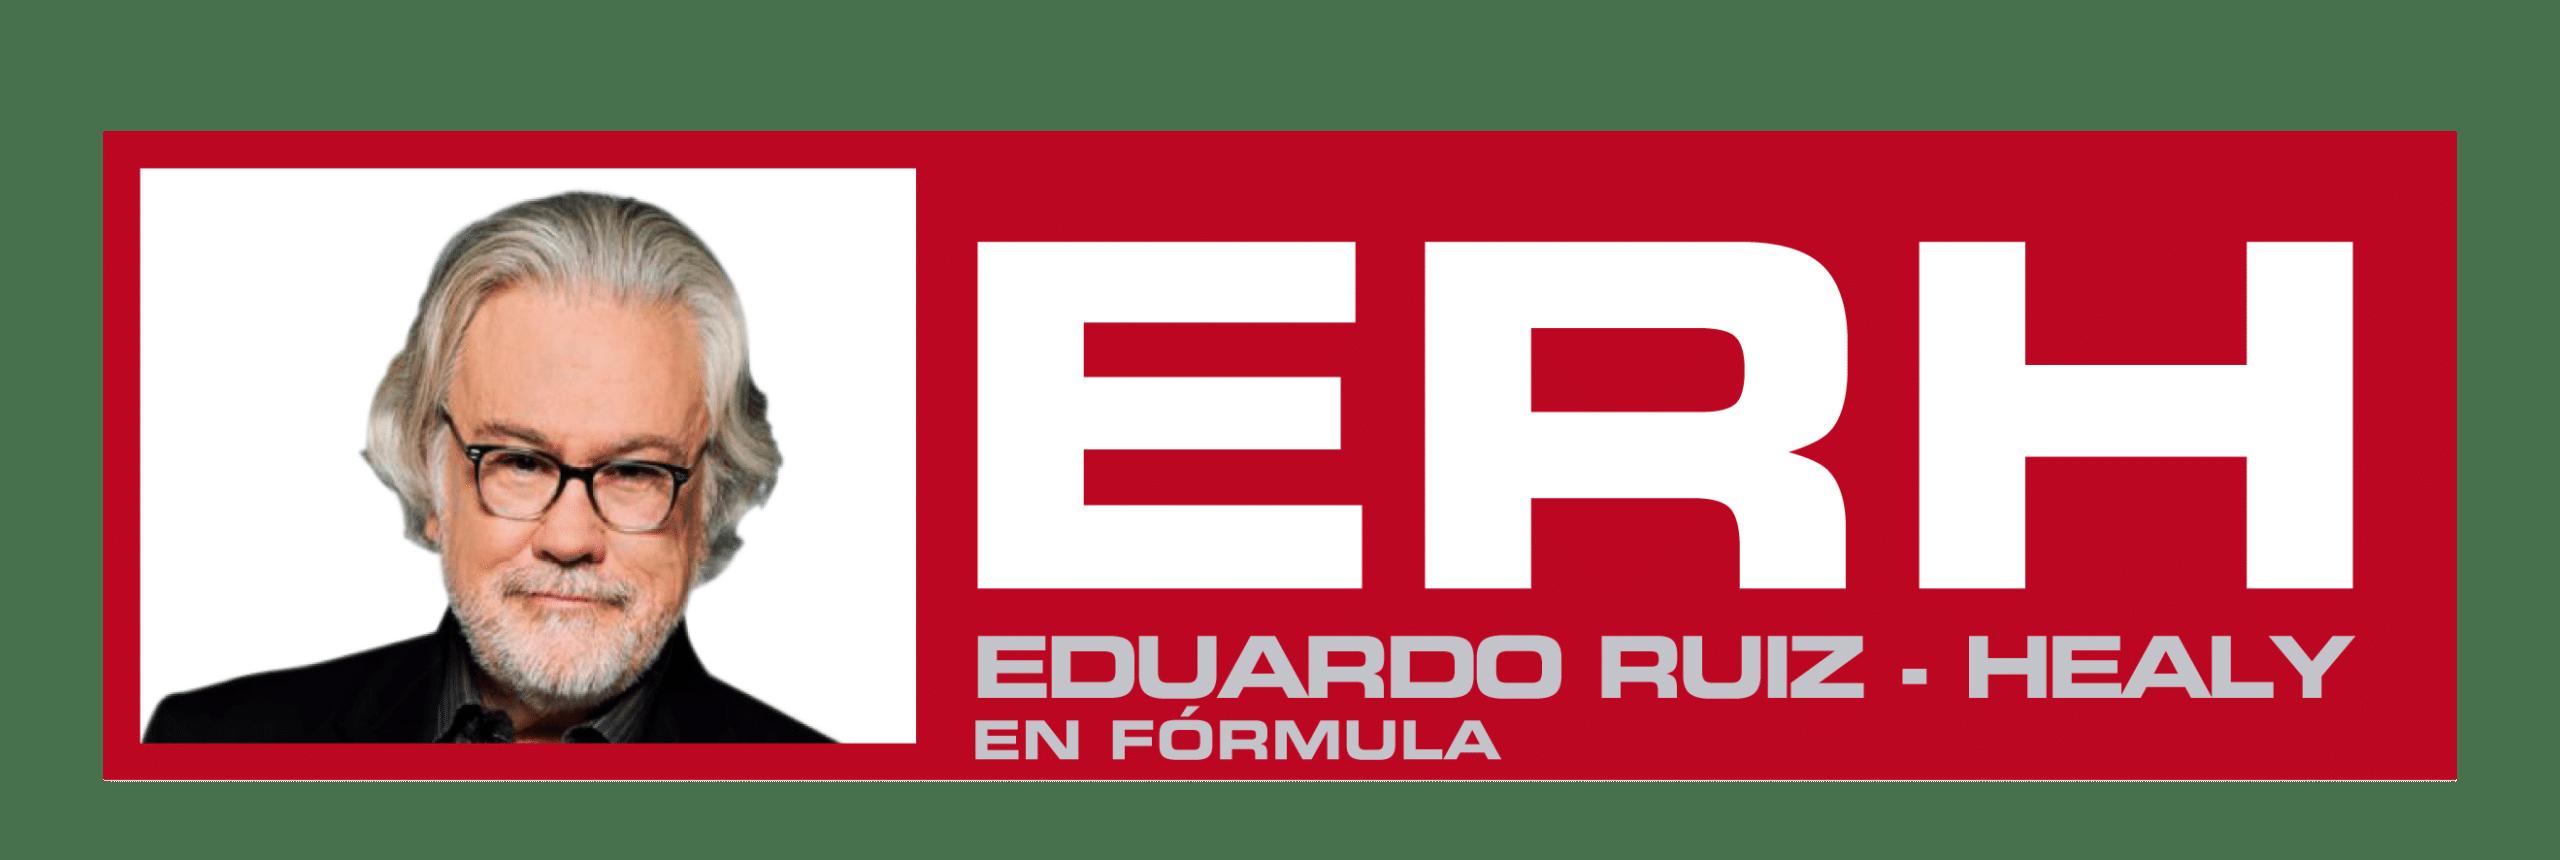 Eduardo Ruiz Healy en Formula